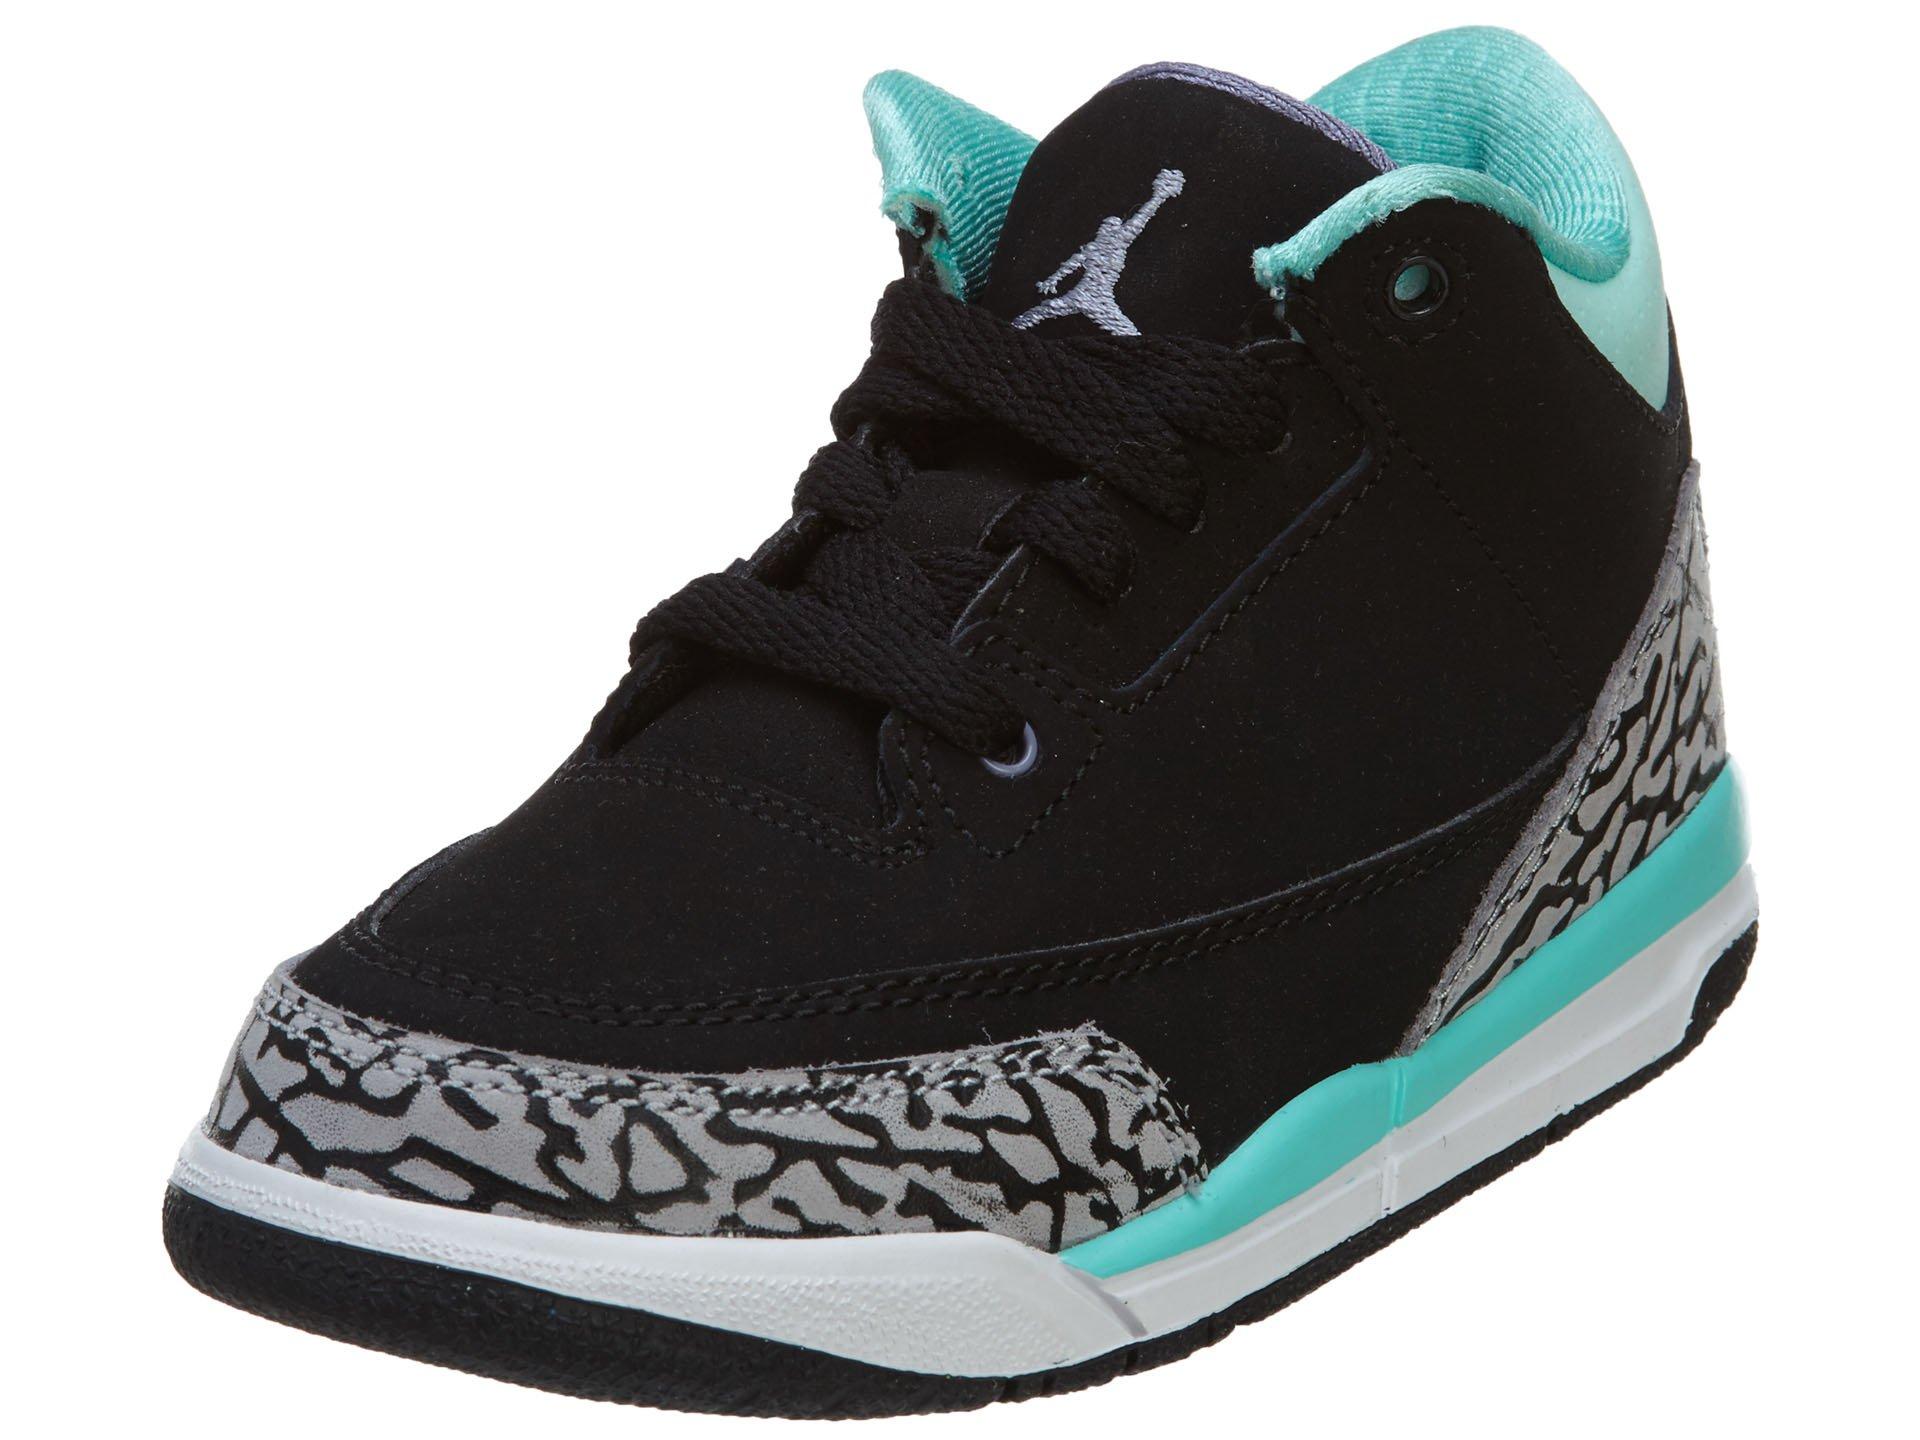 Jordan 3 Retro Little Kids Style: 441141-045 Size: 13 Y US